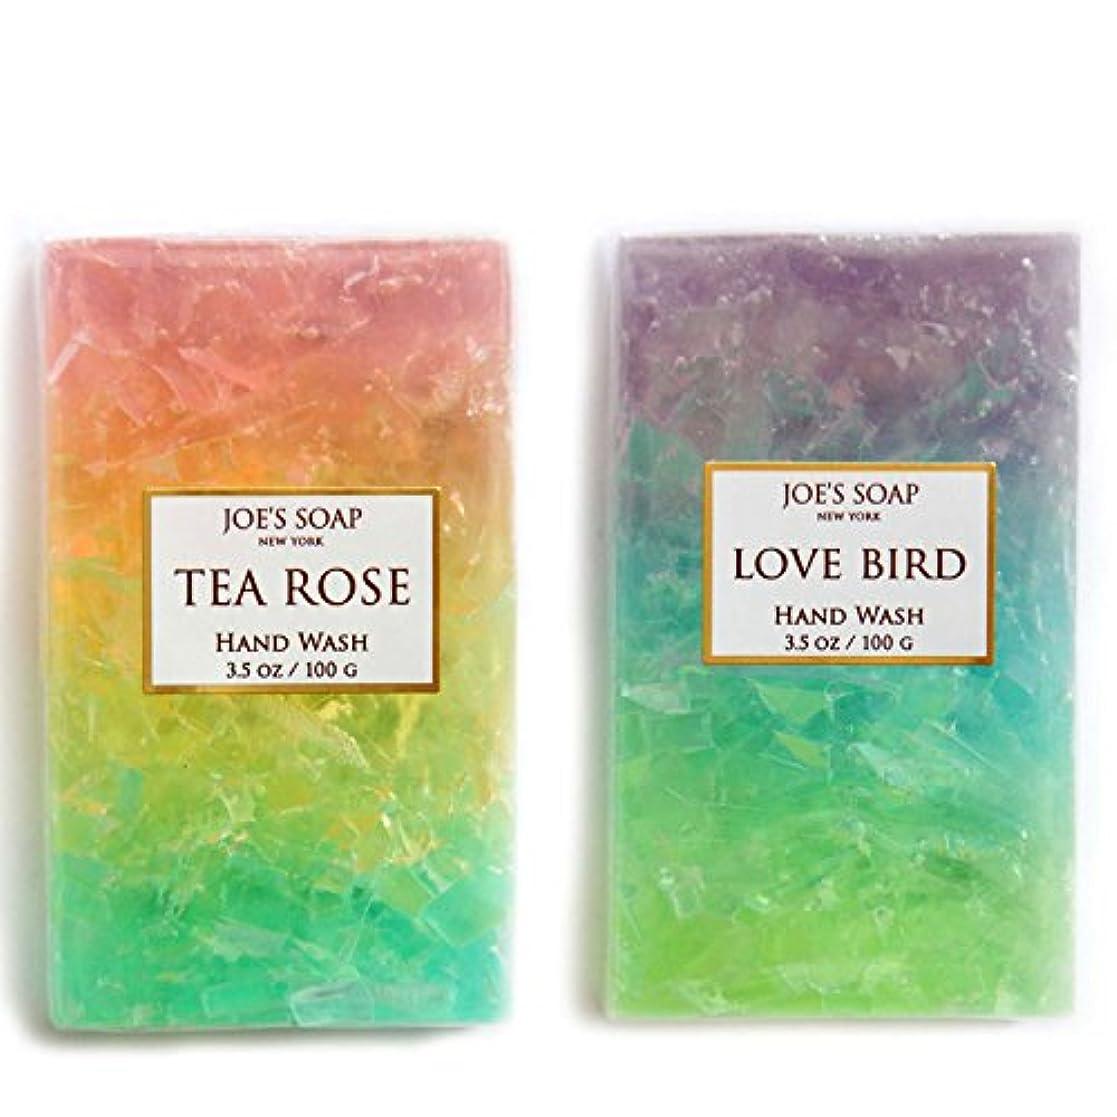 エレベーター民族主義腸JOE'S SOAP ジョーズソープ グラスソープ 石鹸 100g(TEA ROSE、LOVE BIRD、2個セット)